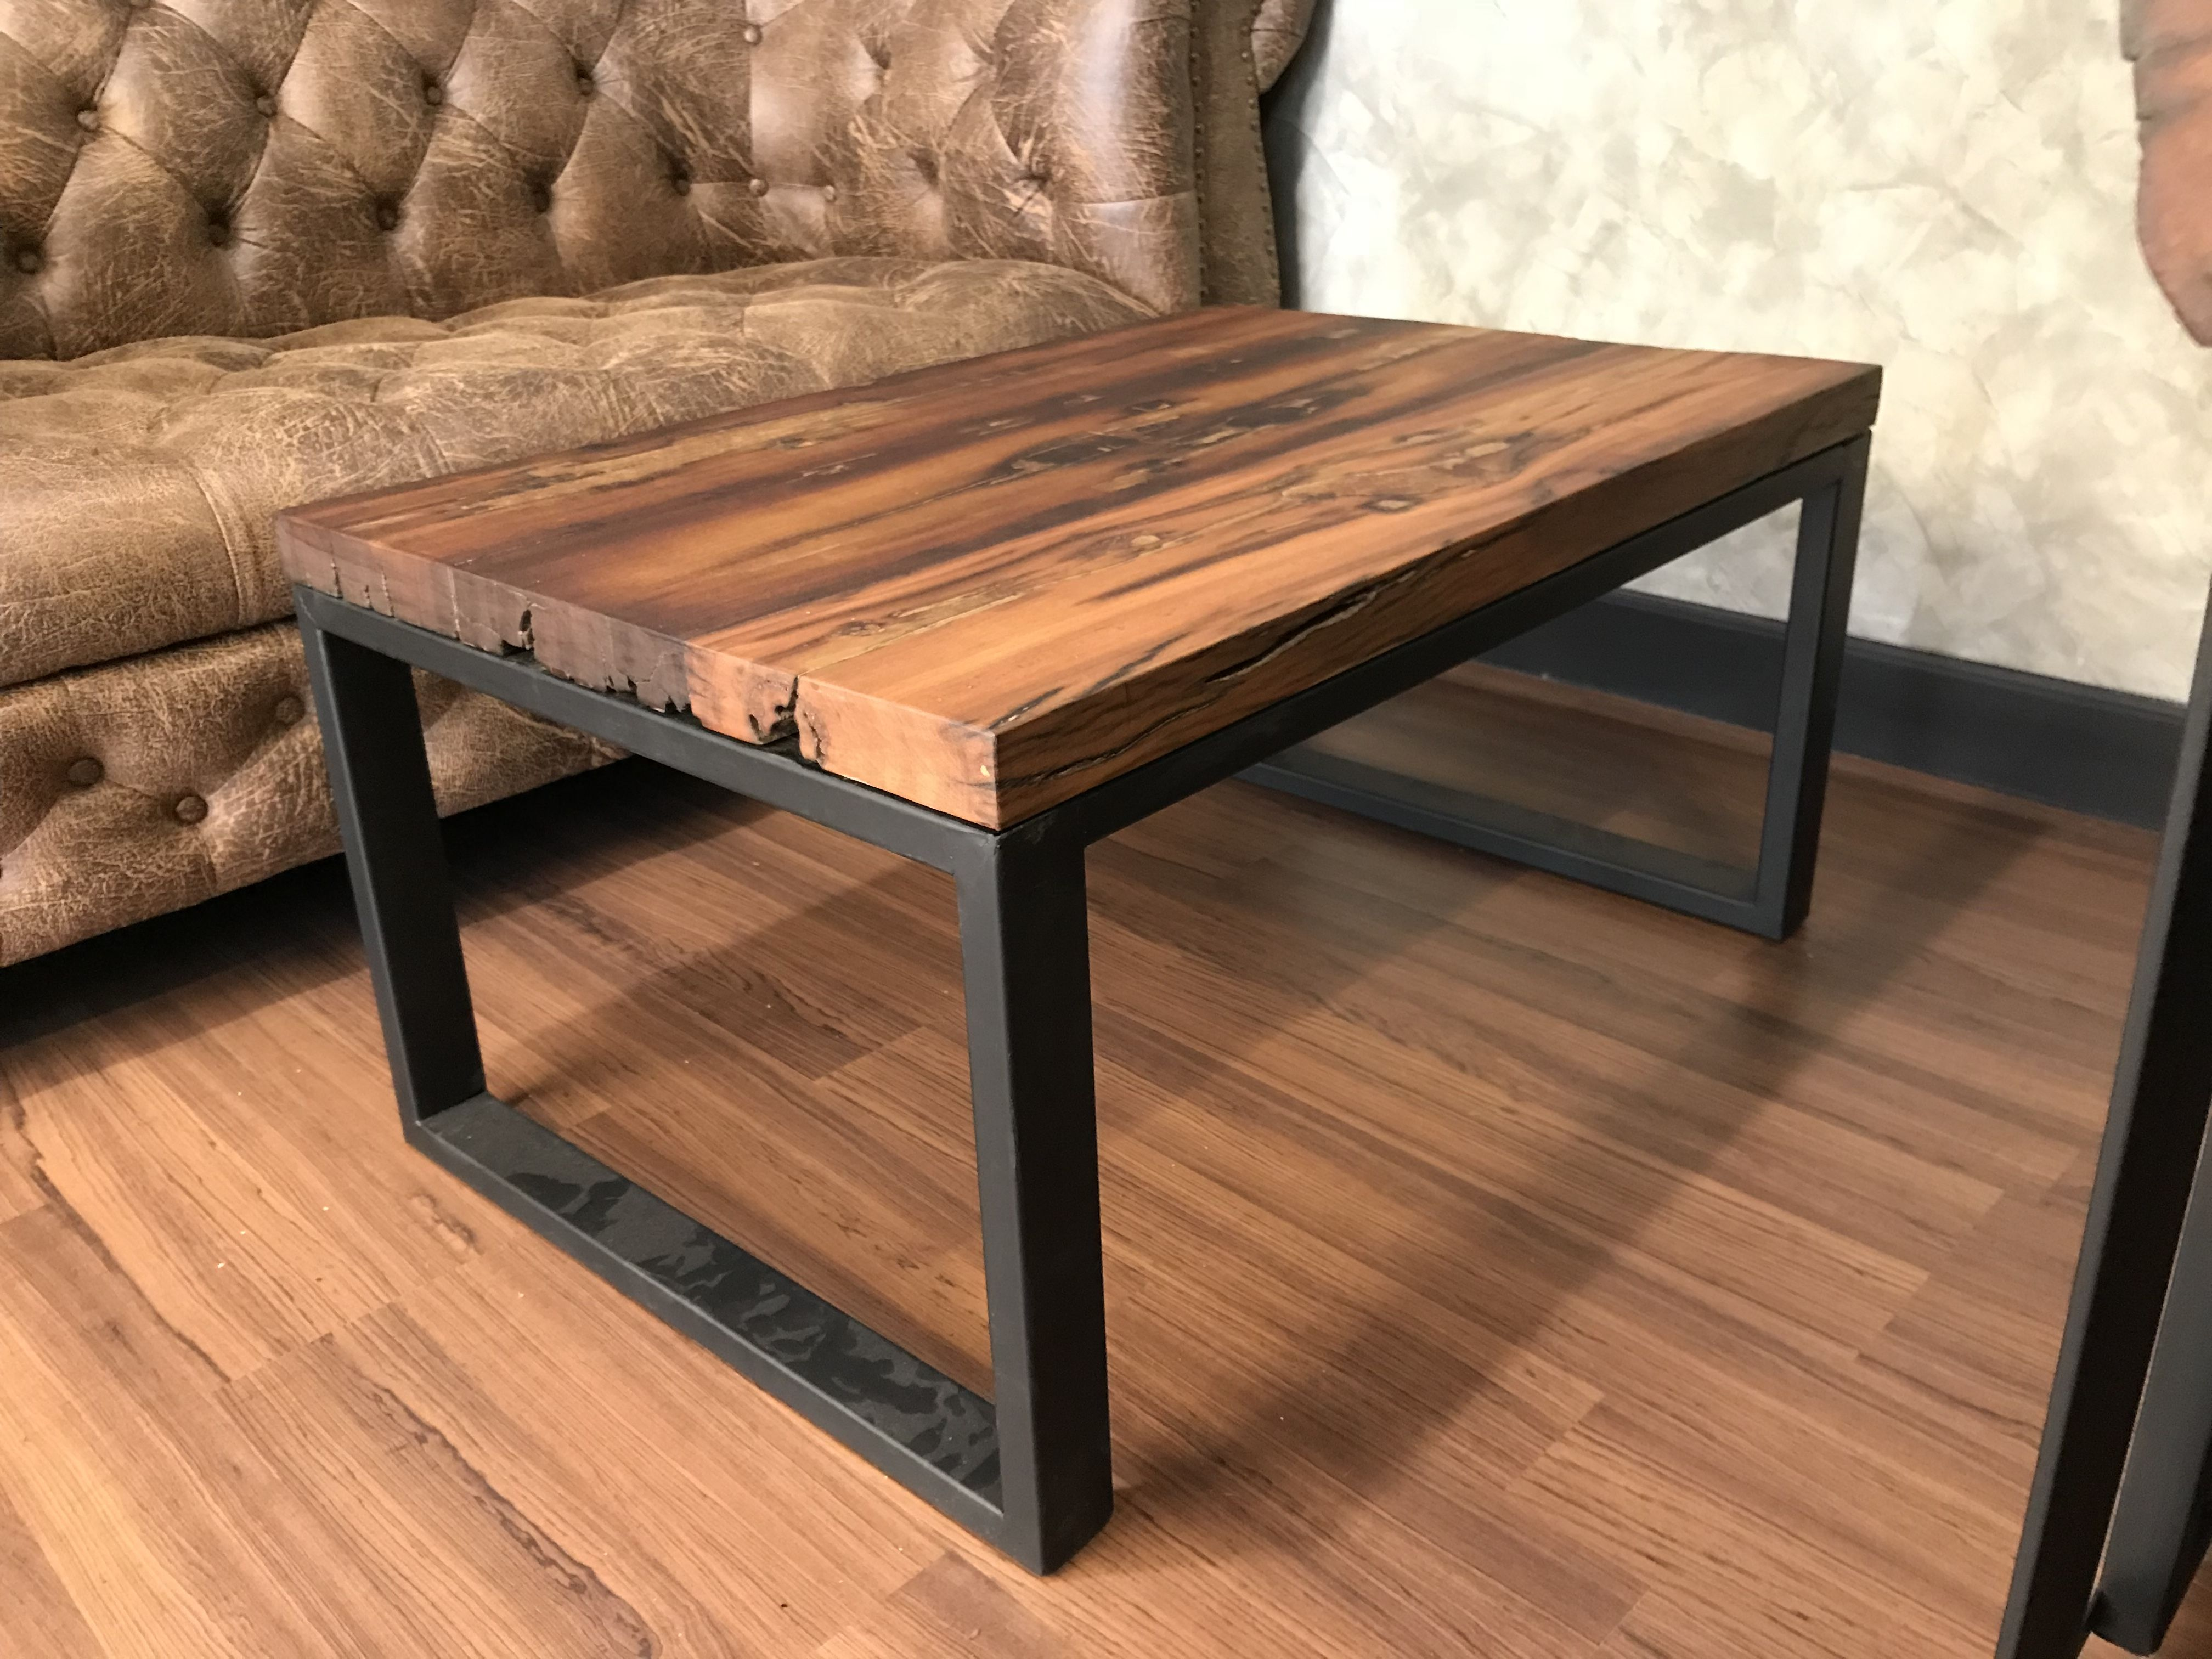 должны фото стола из металла и дерева отметить хорошую организацию